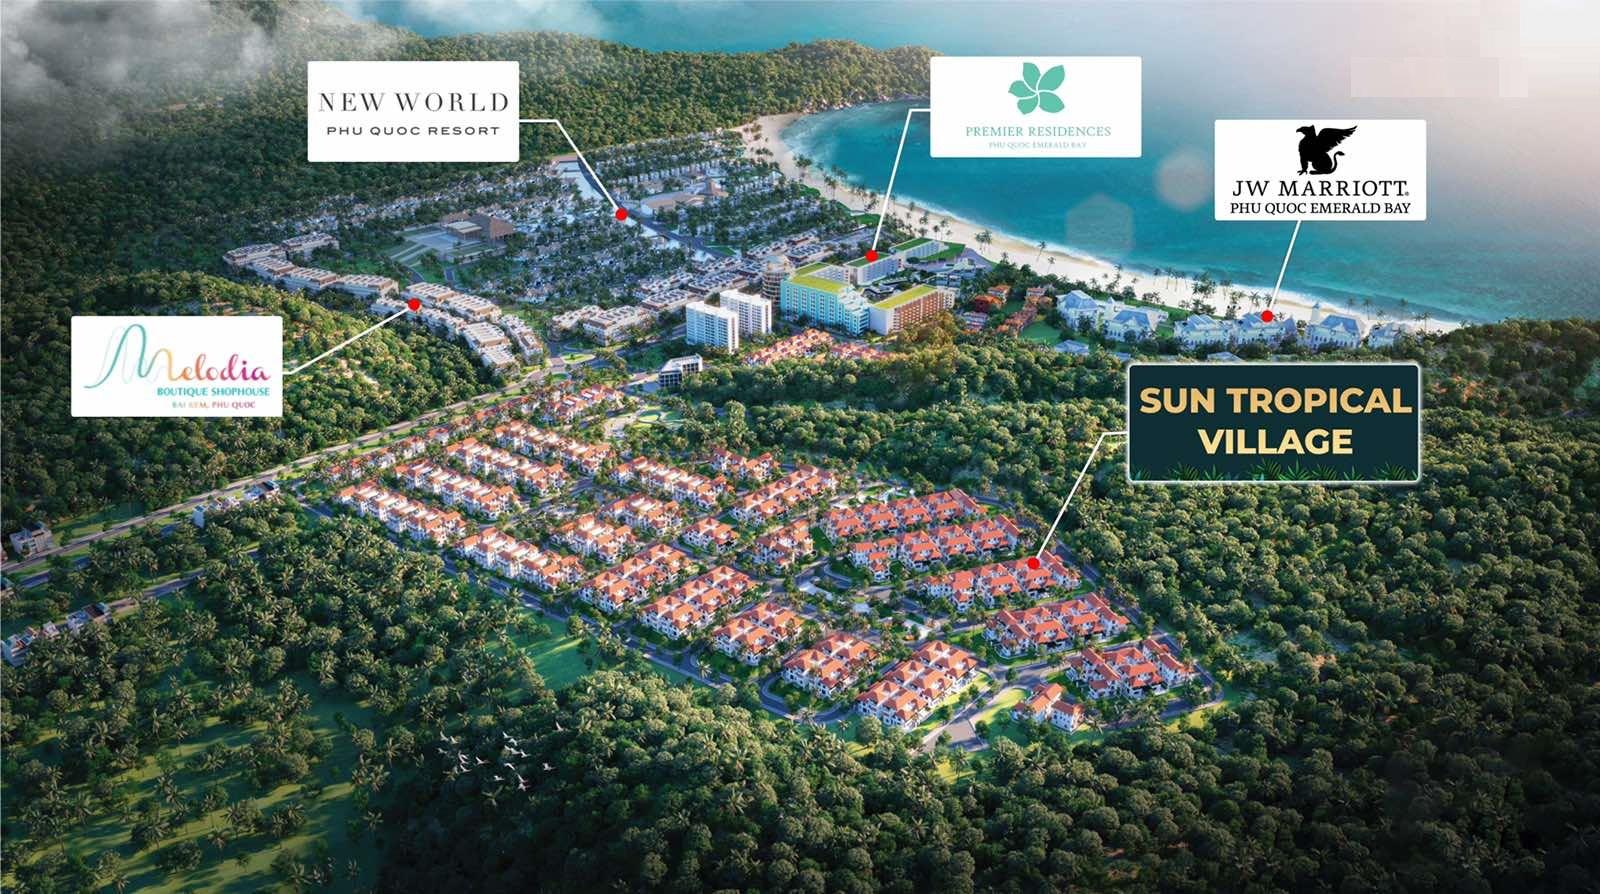 vị trí dự án sun tropical village phú quốc